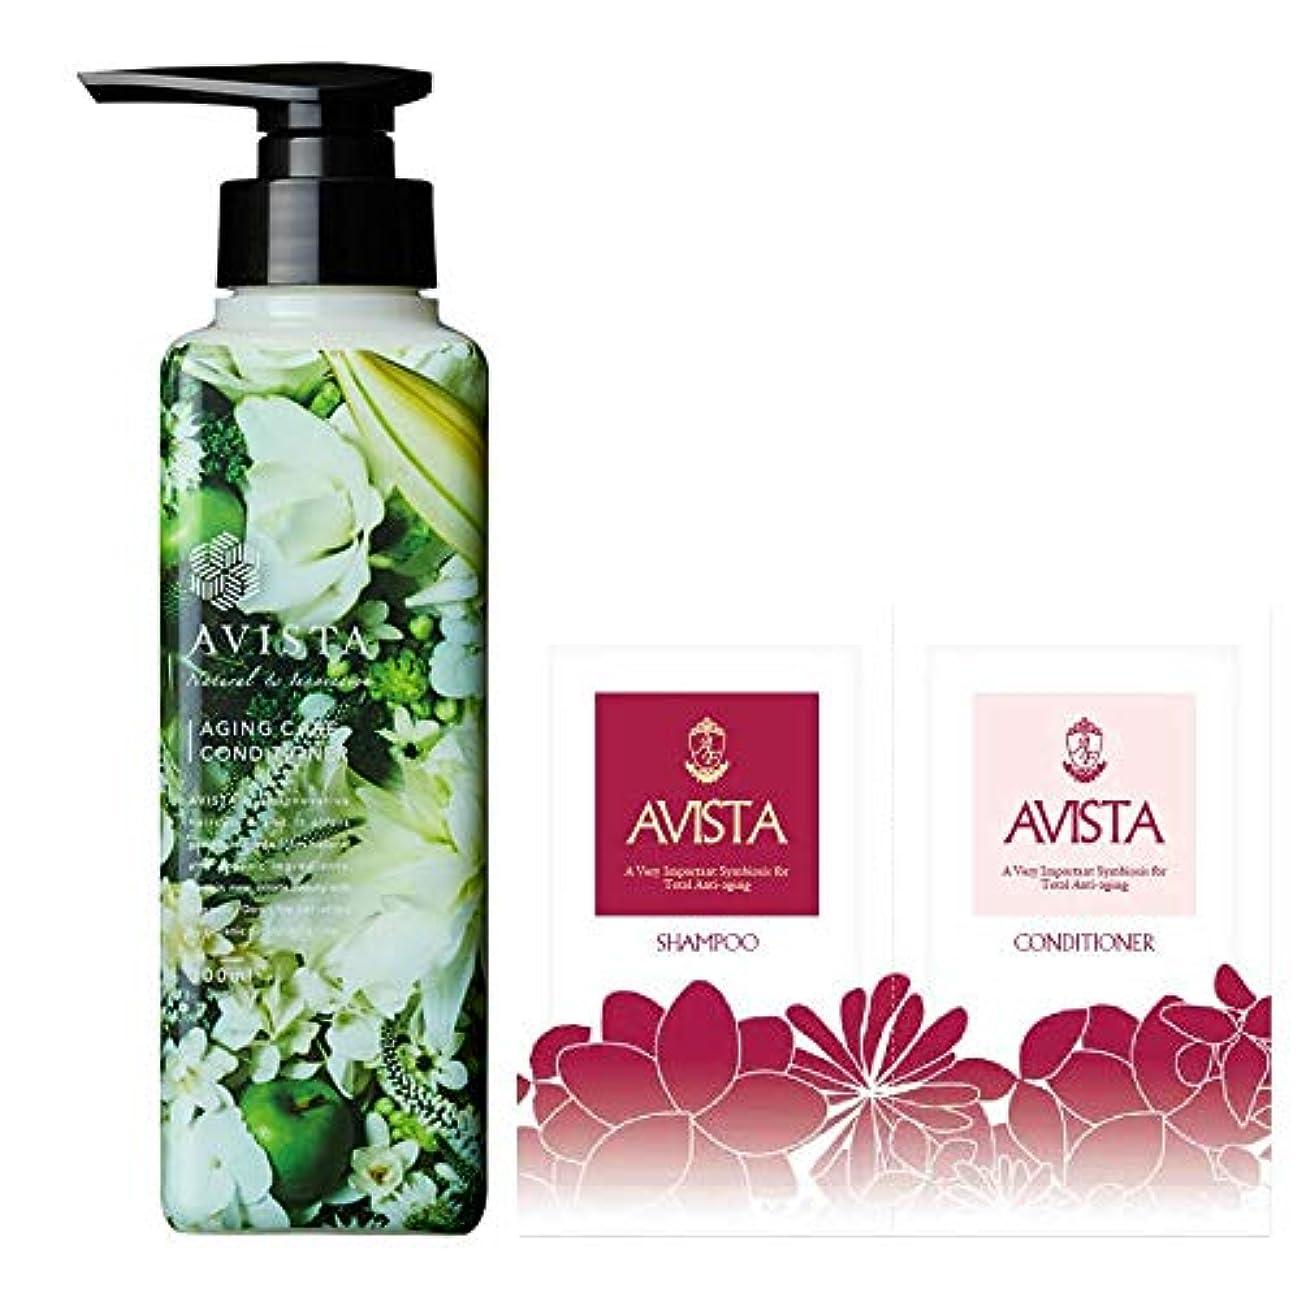 AVISTA アビスタ エイジングケアコンディショナー 300ml(スカルプケア ノンシリコン リンゴ幹細胞エキス フルボ酸 天然由来成分100%)+旧アビスタペアパウチ付